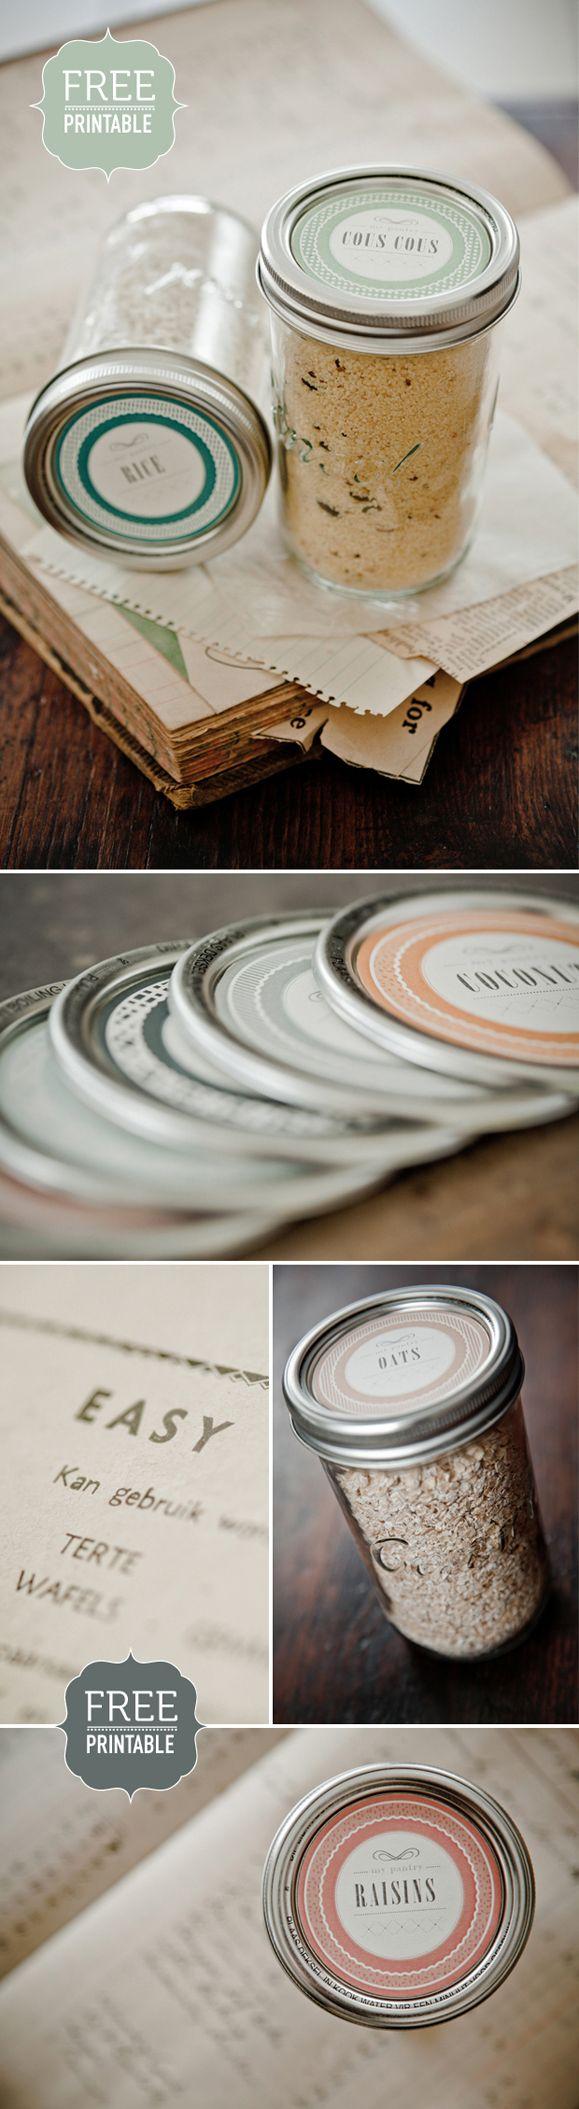 ElephantShoe - Journal - My Brand Spanking New Organised Pantry.  Free printable labels